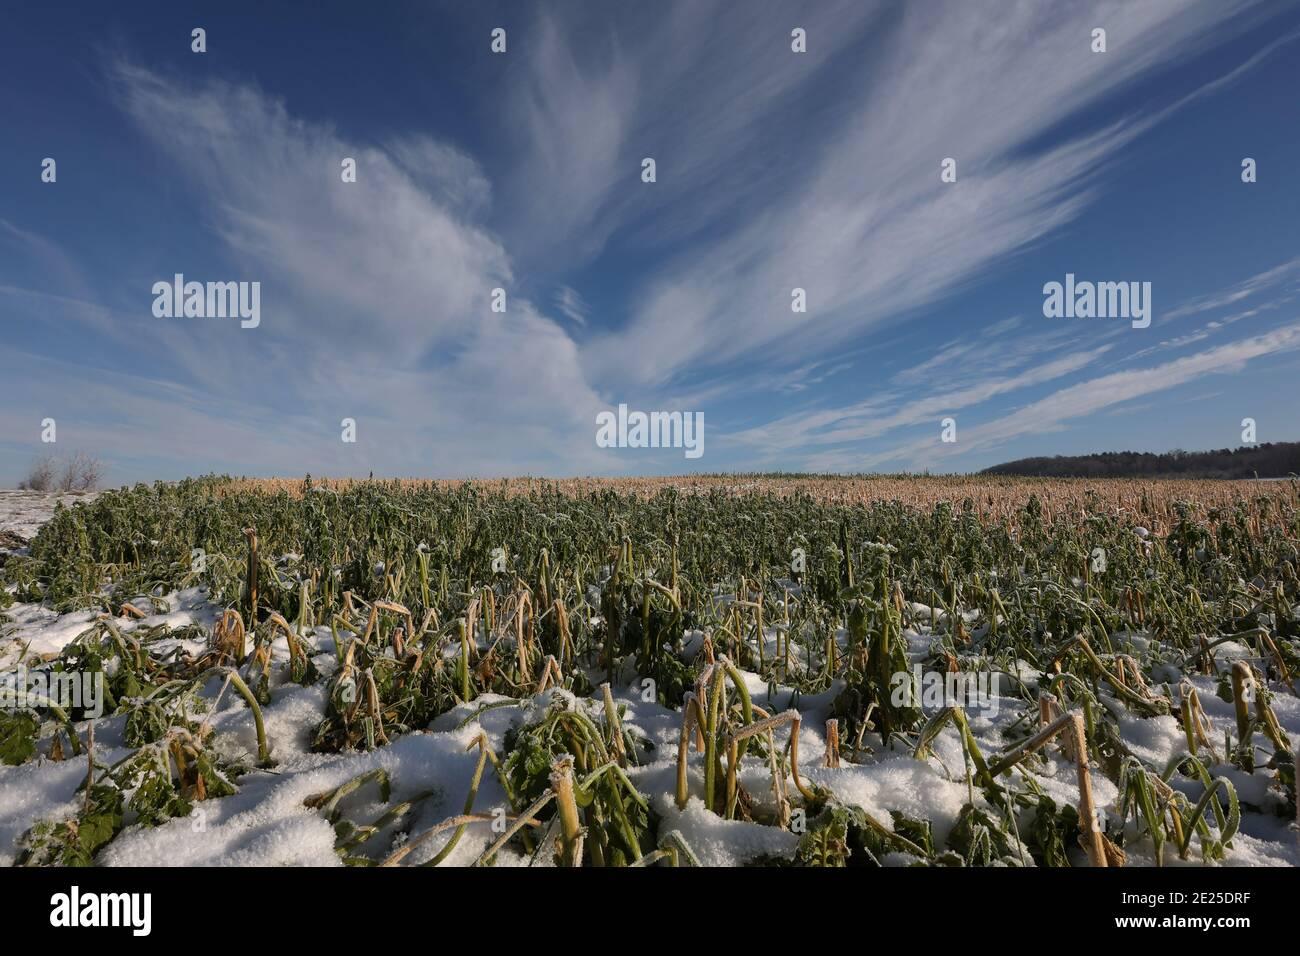 Paisaje invernal con campos nevados y cielo azul. Foto de stock